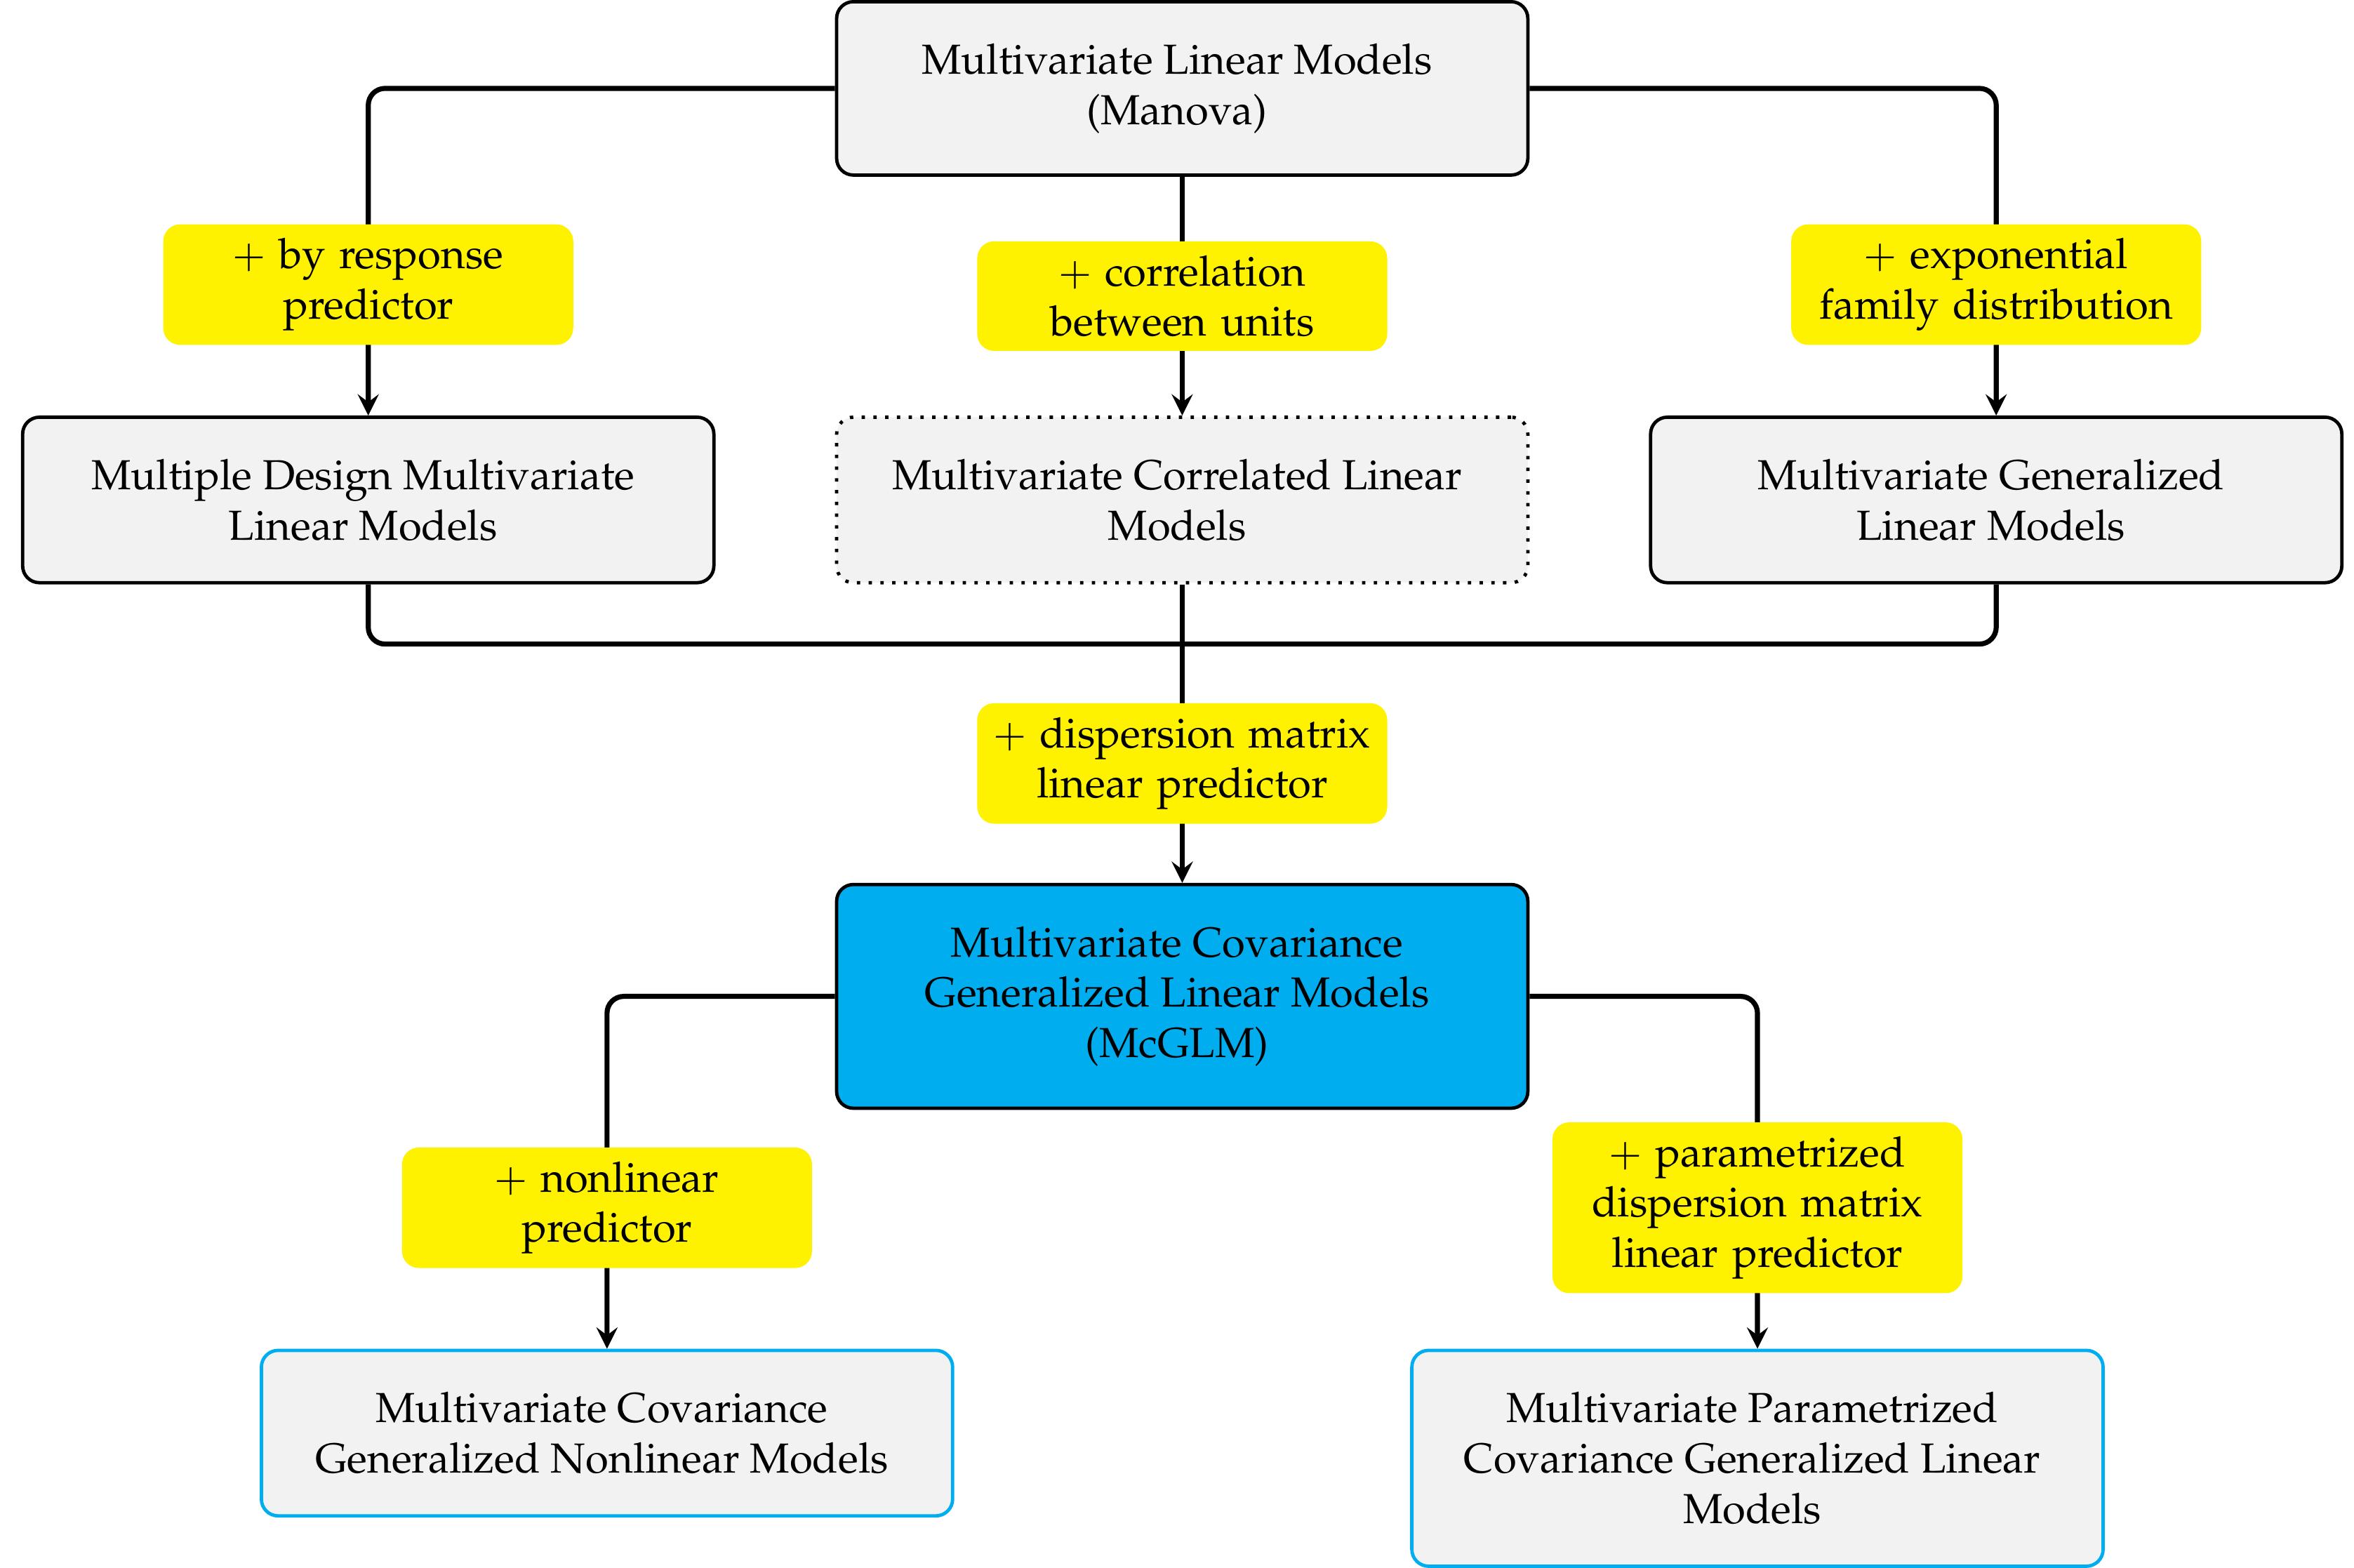 fluxograma_modelos_multivariados